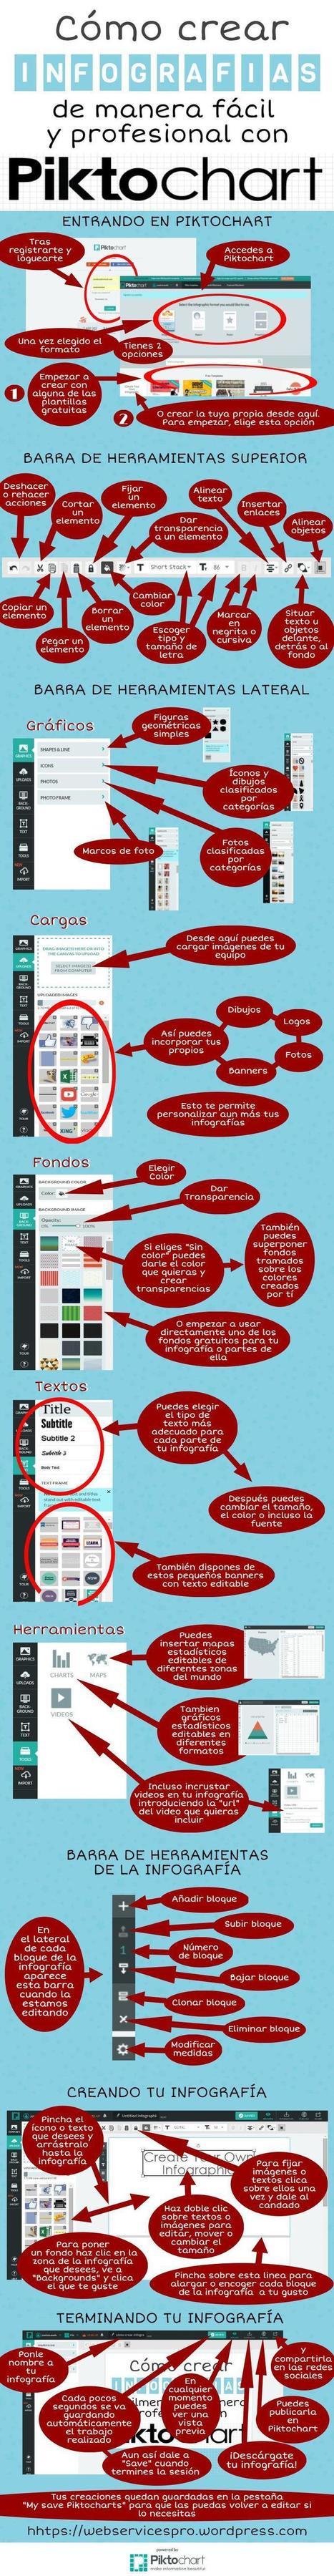 Cómo crear infografías con Piktochart | Recursos per a l'Escola Maregassa | Scoop.it